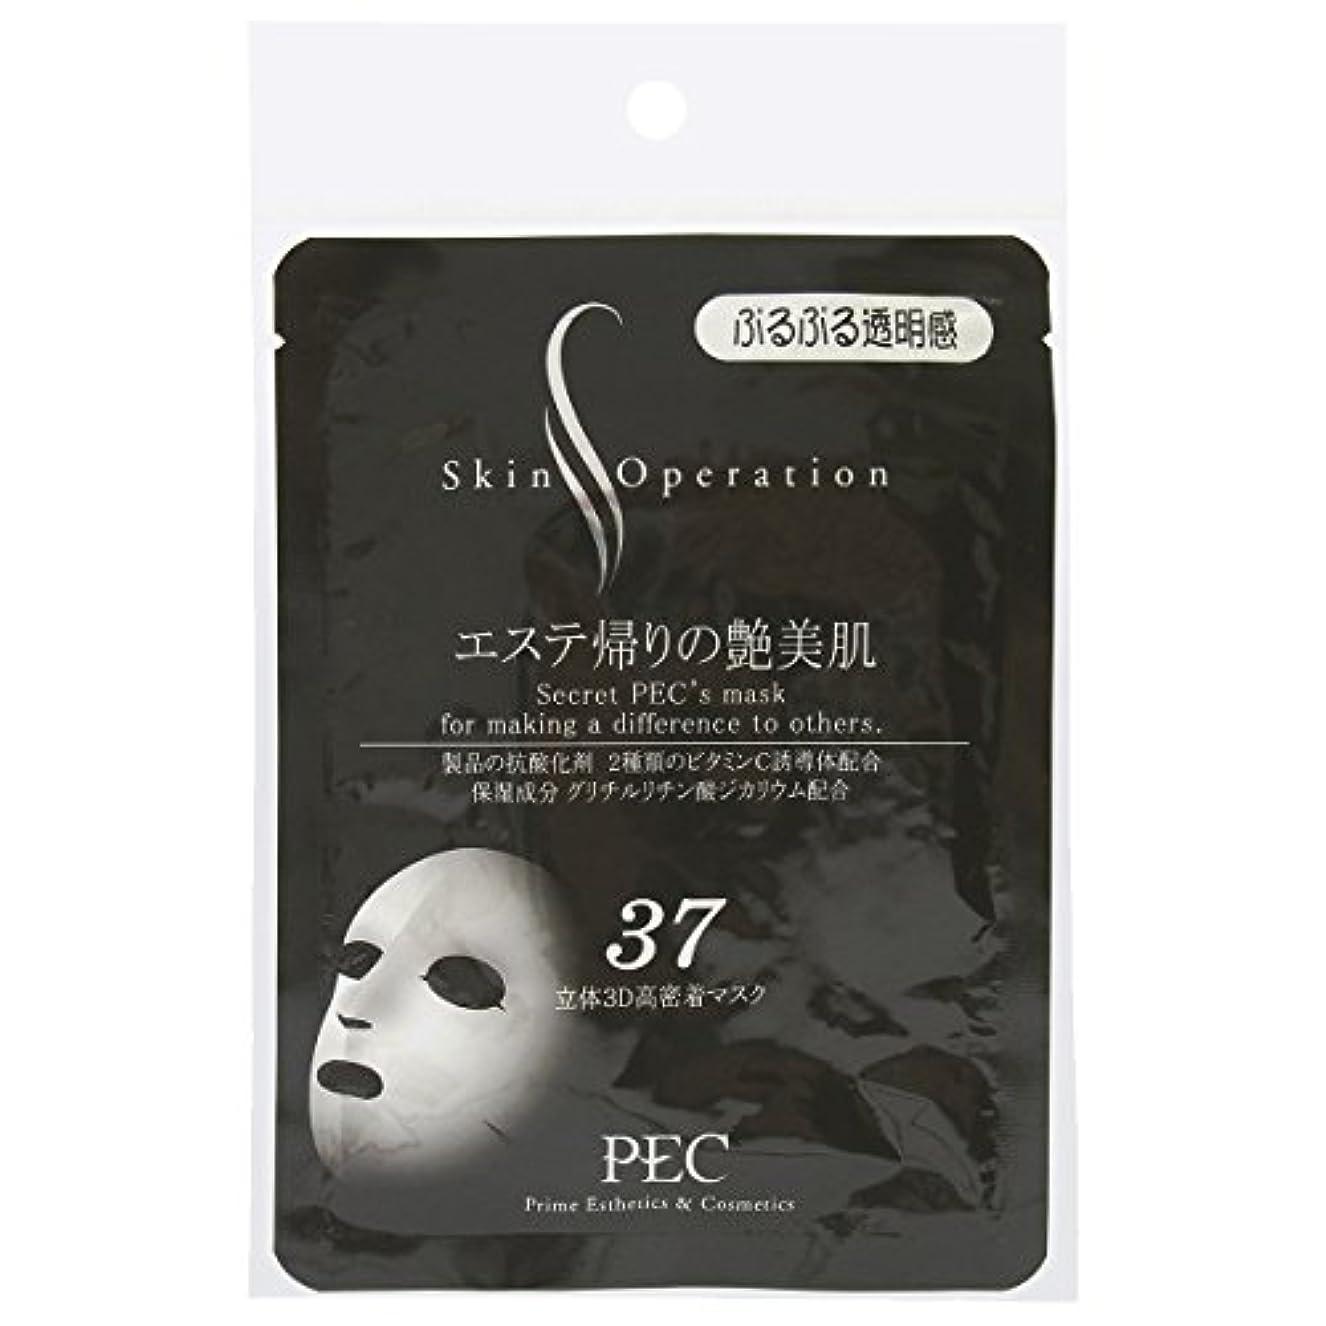 シガレット顧問お金ゴムスキンオペレーション マスク37